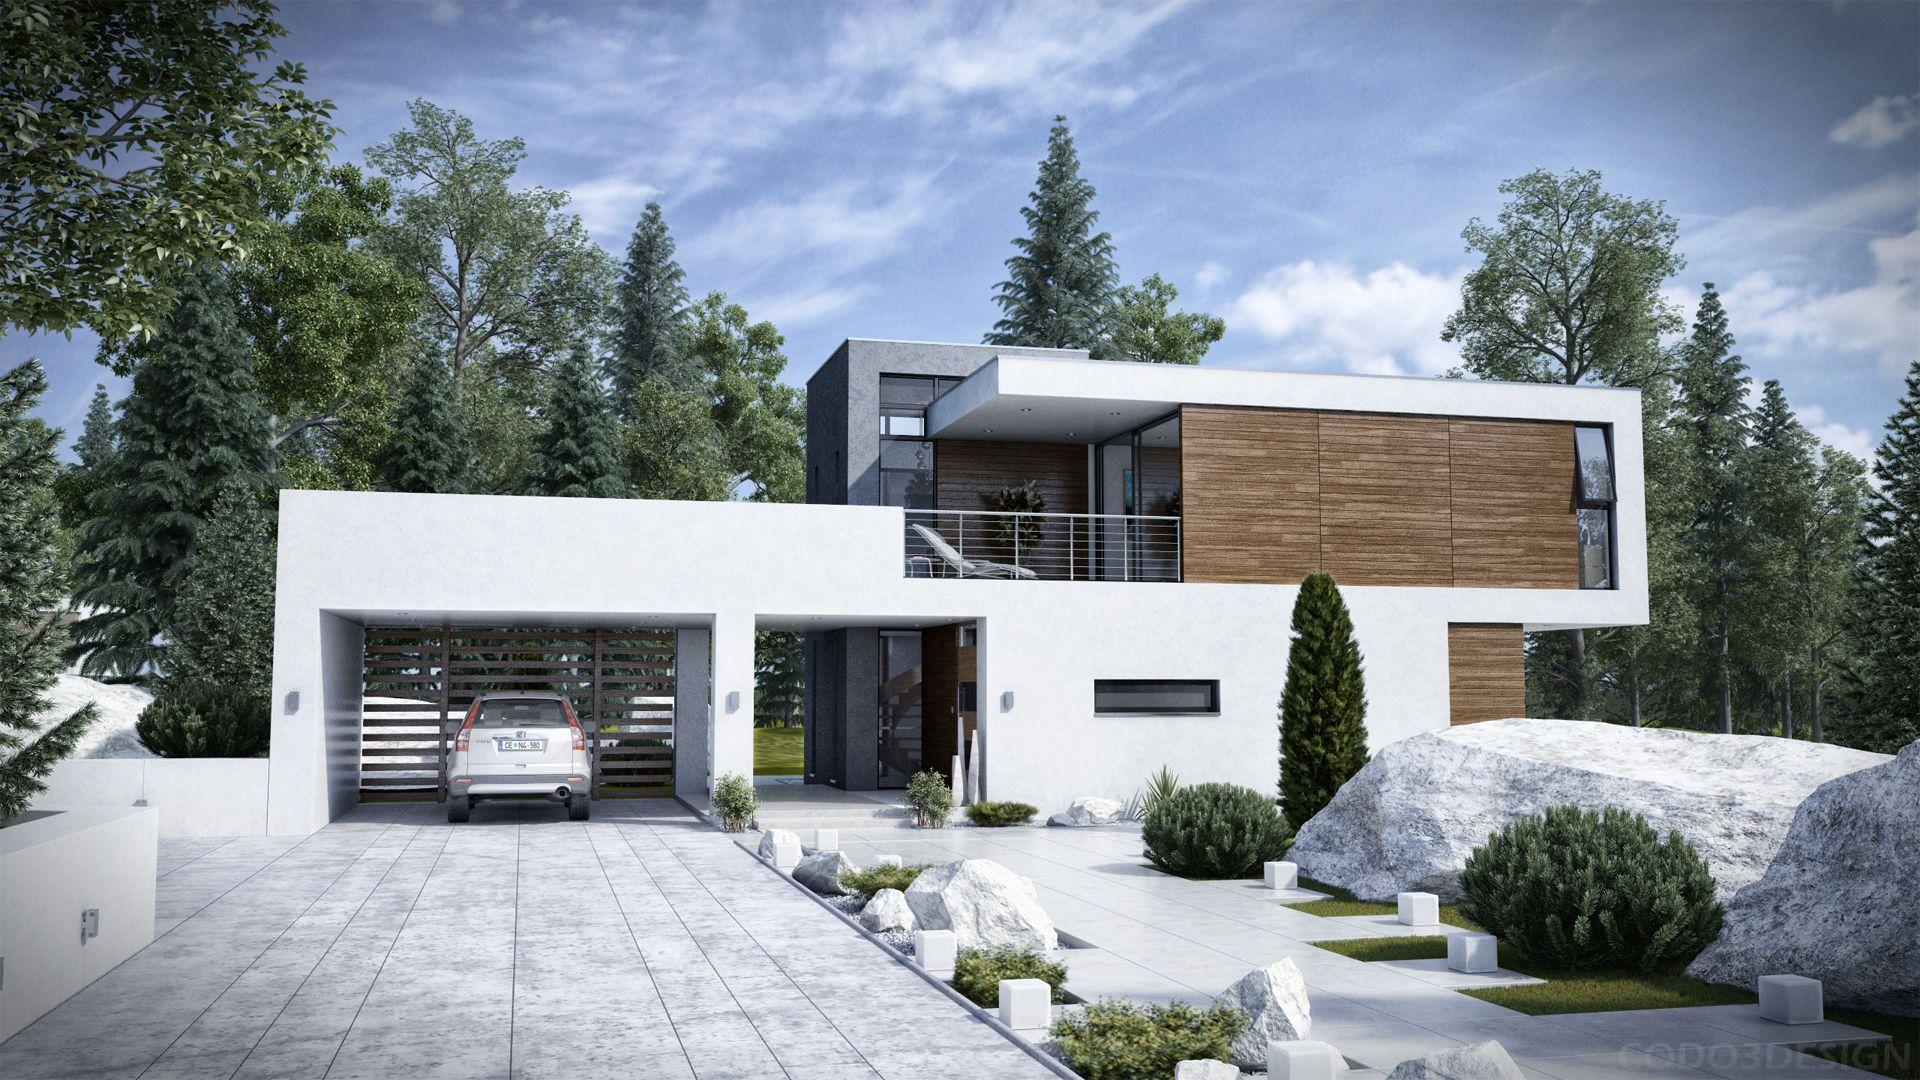 Of a modern house hd wallpaper